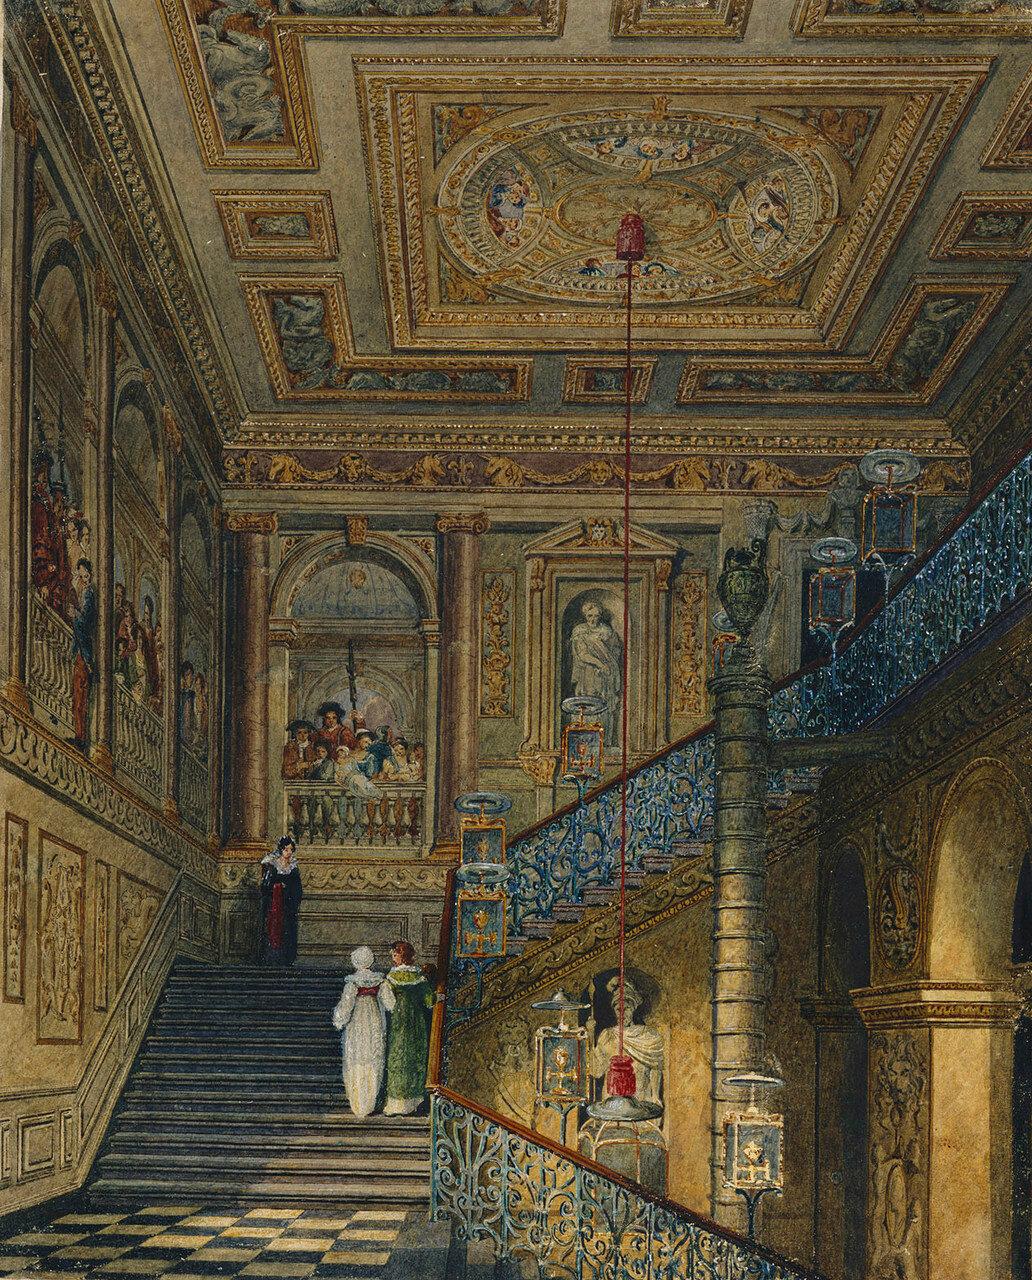 Кенсингтонский дворец: Великая Лестница  1819